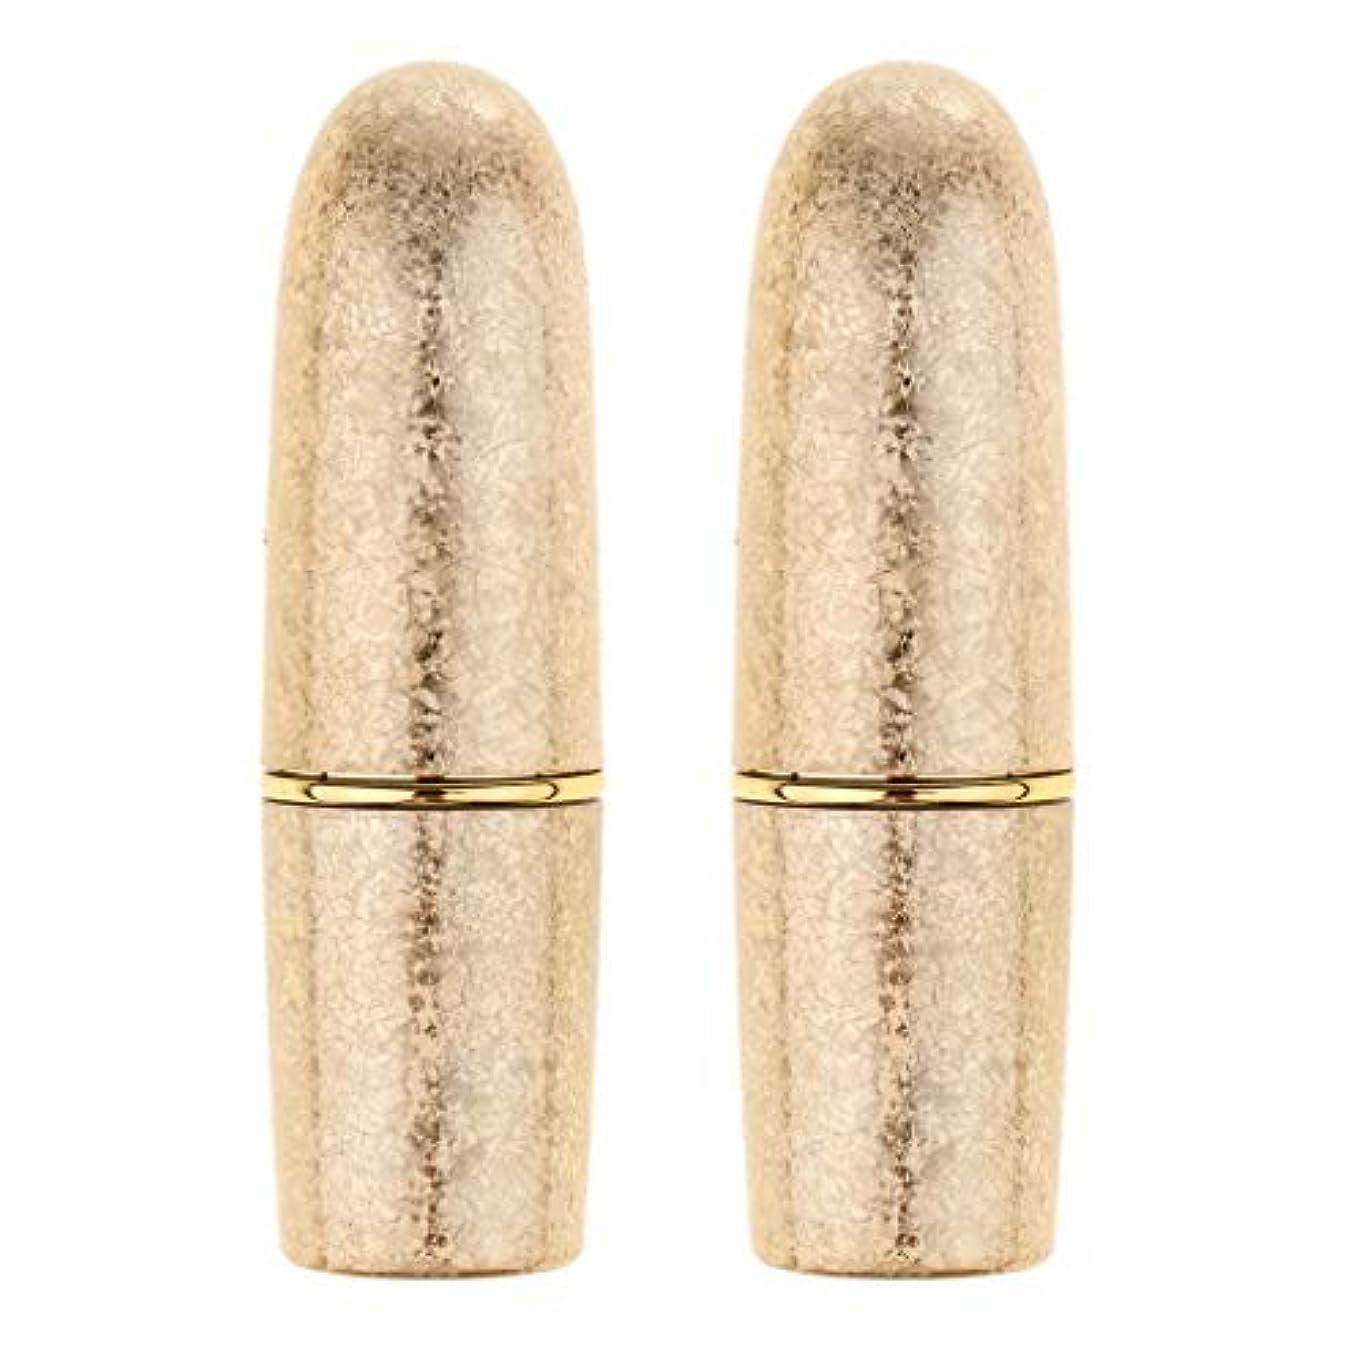 尊厳スパーク味付けperfk 2本 リップスティック 口紅 DIY 空チューブ 手作り メイクアップ 5色選べ  - ゴールド